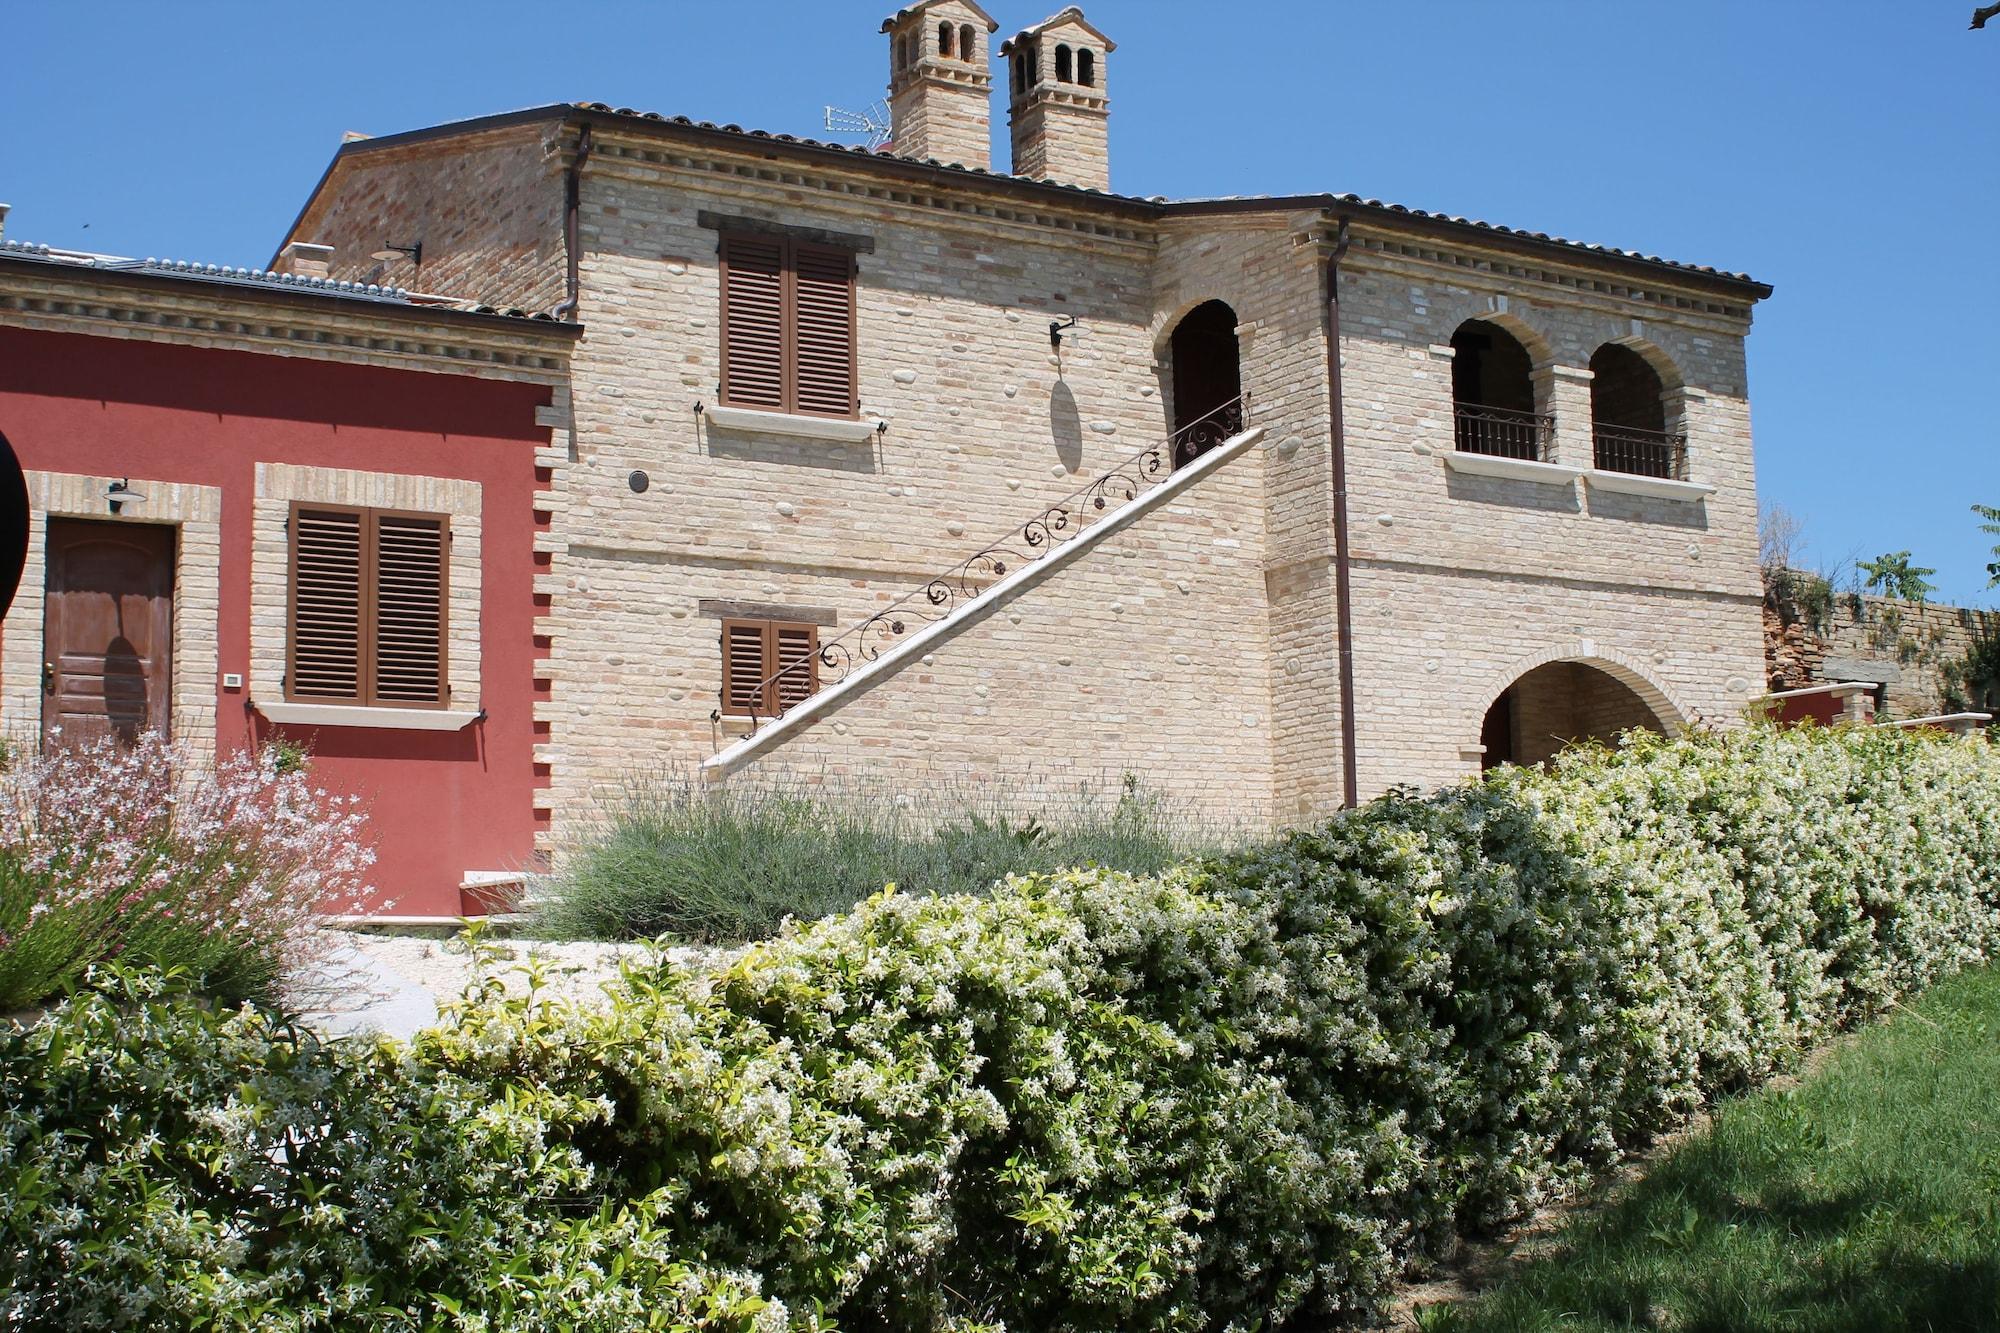 Dimora Rosso Piceno, Ascoli Piceno